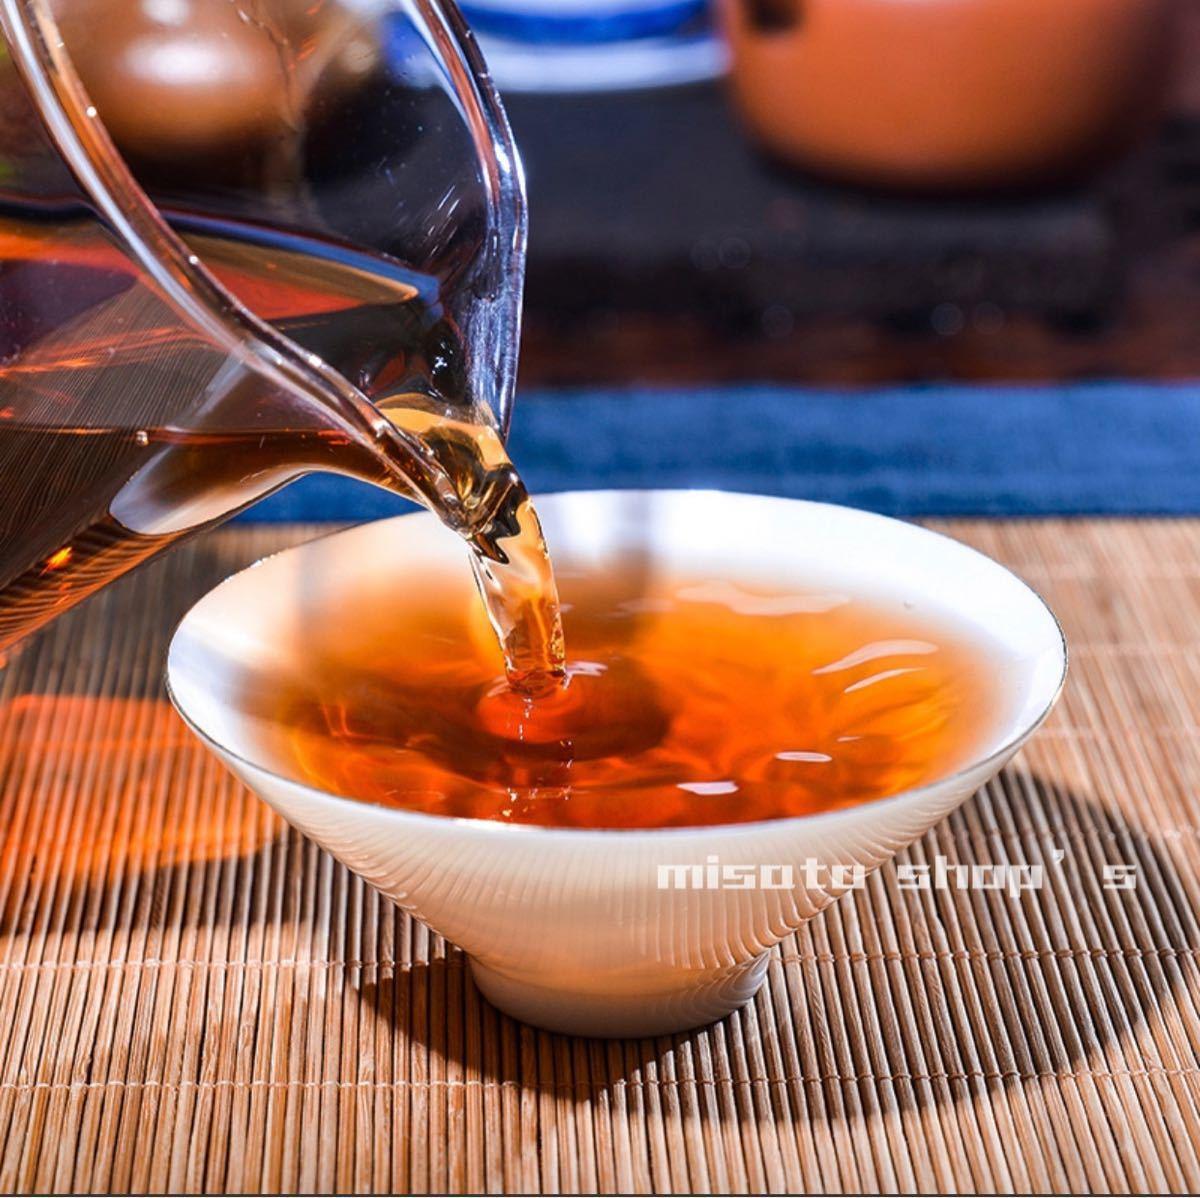 雲南大葉種「珍品老プーアル茶」 熟茶 2008年 357g プーアール茶